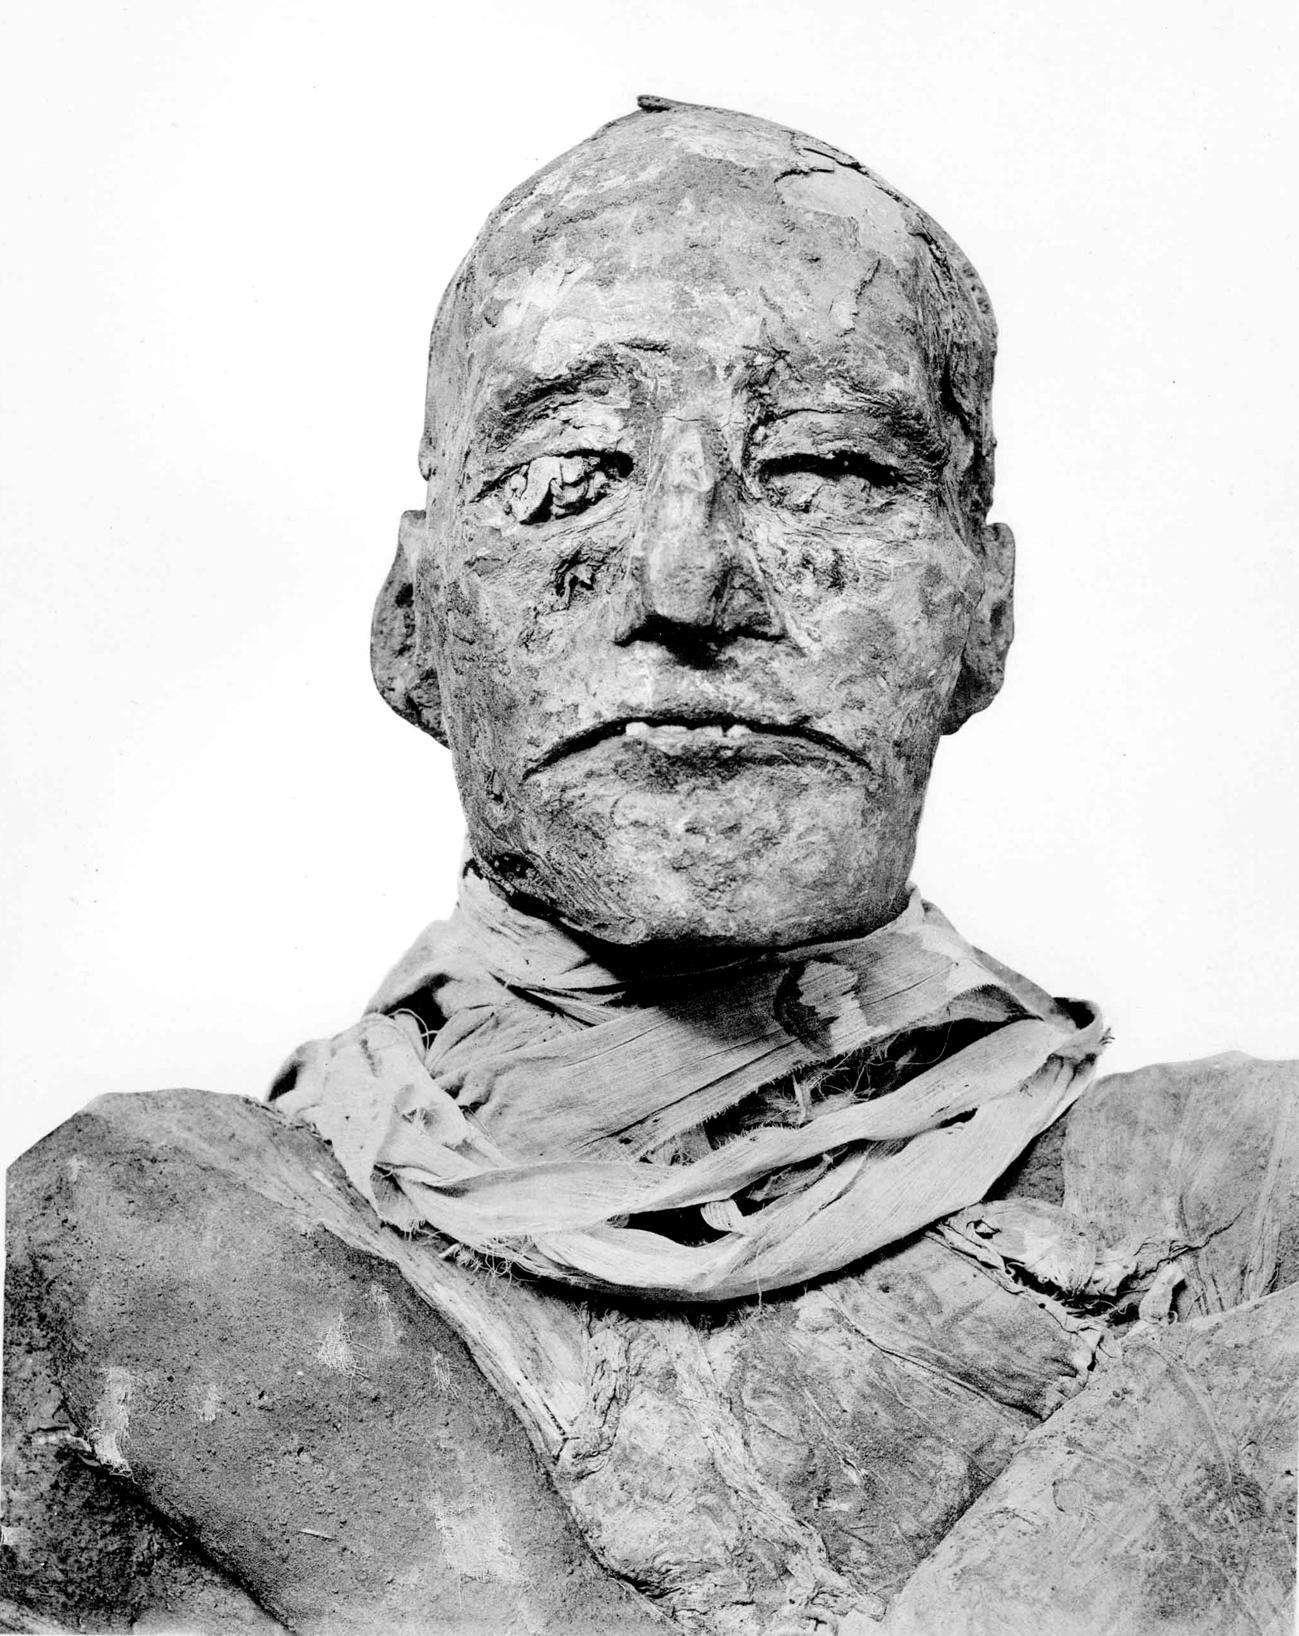 La momie de Ramsès III. Le règne de ce pharaon a duré plus de 31 ans. Il n'a cessé de lutter contre la corruption qui gangrenait son pays. © Zahi Hawass et al. 2012, British Medical Journal